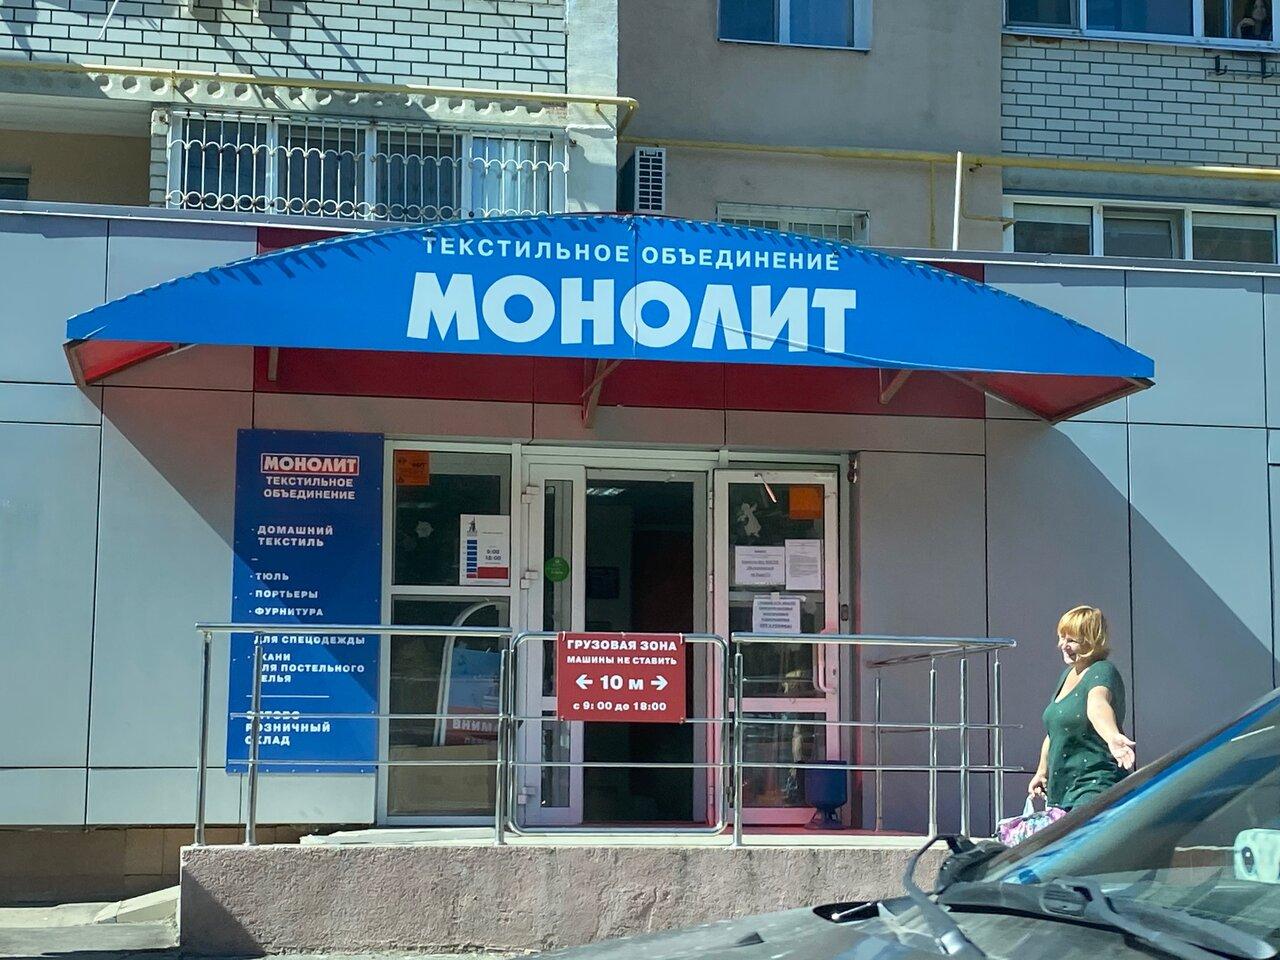 Магазин Монолит Ракитное Номер Телефона